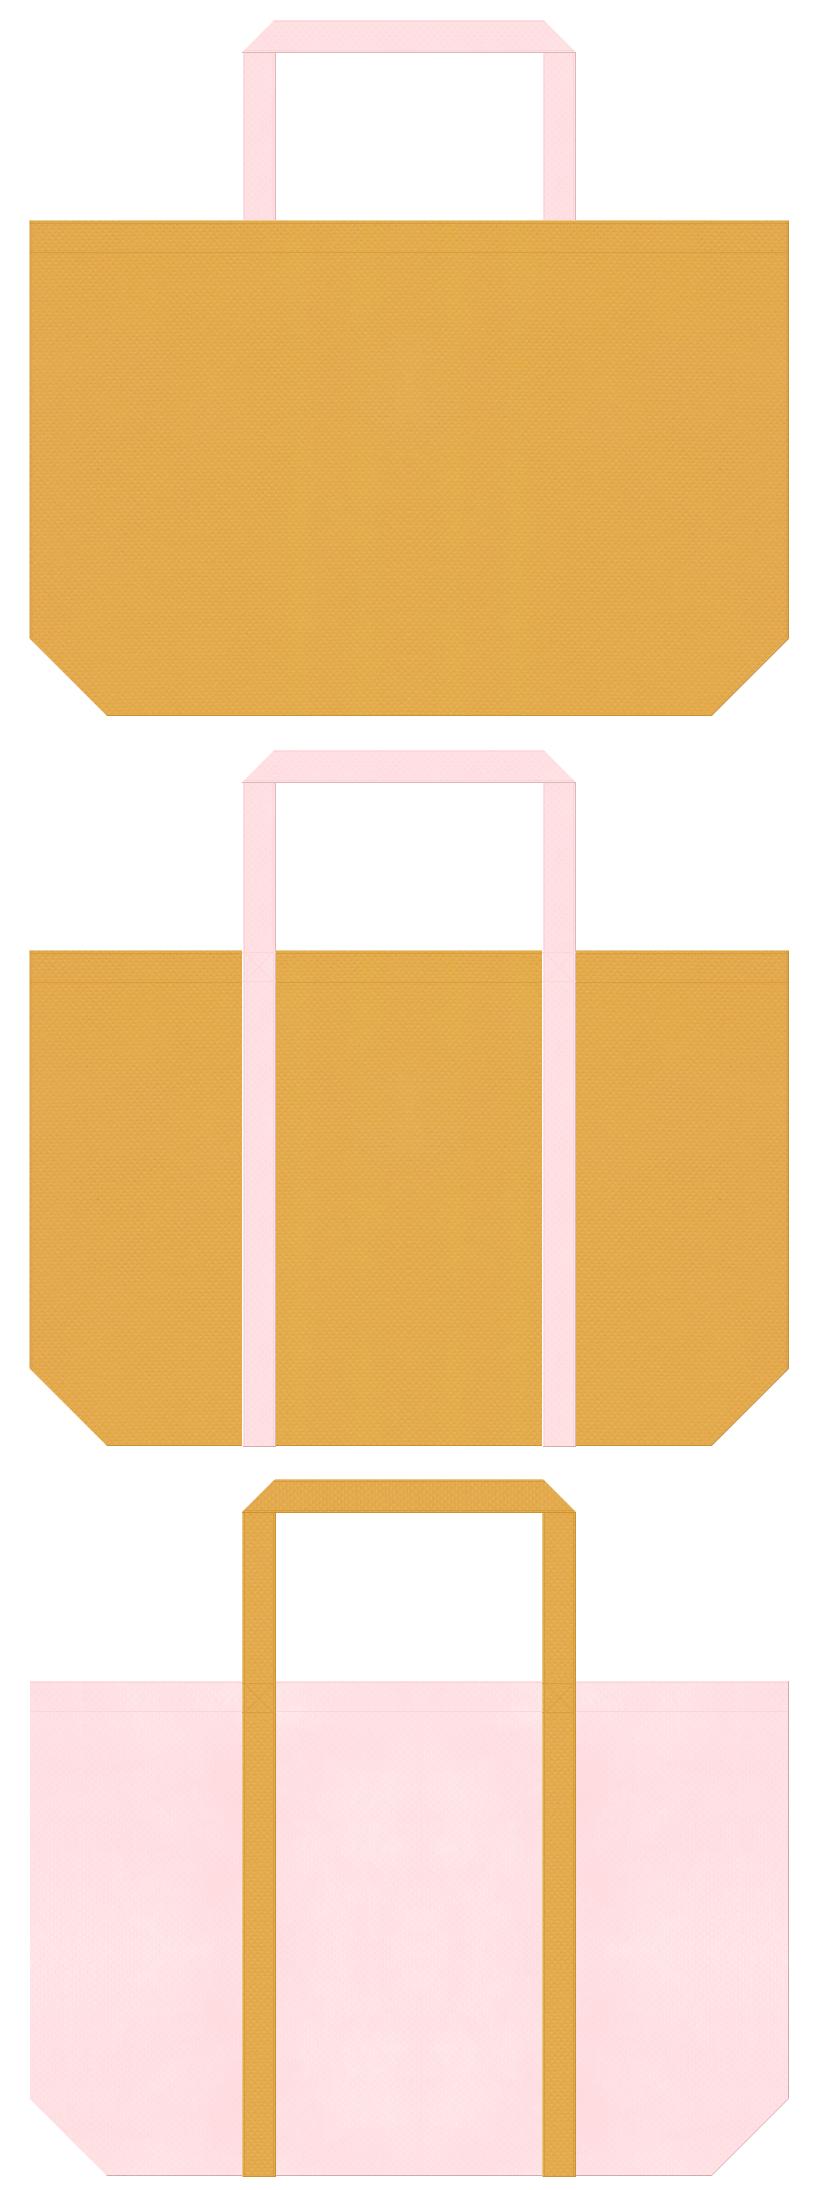 ペットショップ・ペットサロン・アニマルケア・小鹿・小熊・子犬・ぬいぐるみ・手芸・絵本・おとぎ話・テーマパーク・ガーリーなショッピングバッグにお奨めの不織布バッグデザイン:黄土色と桜色のコーデ